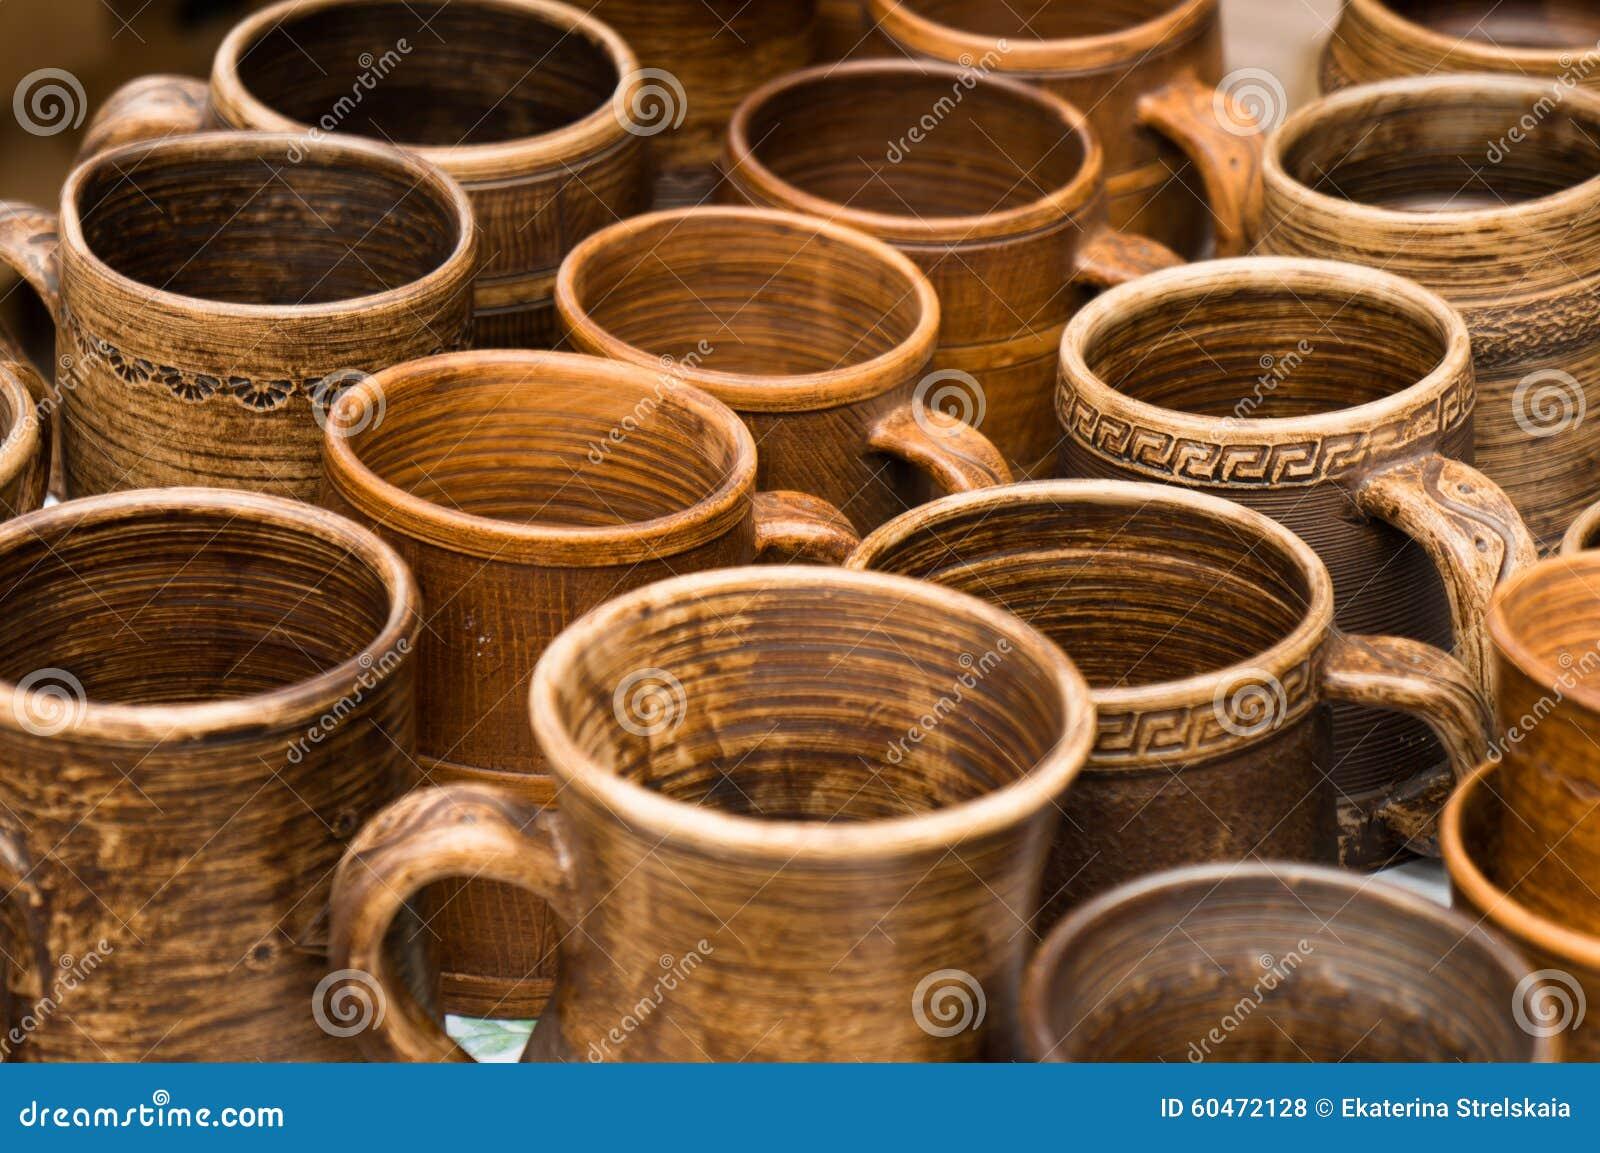 Комплект глиняных горшков